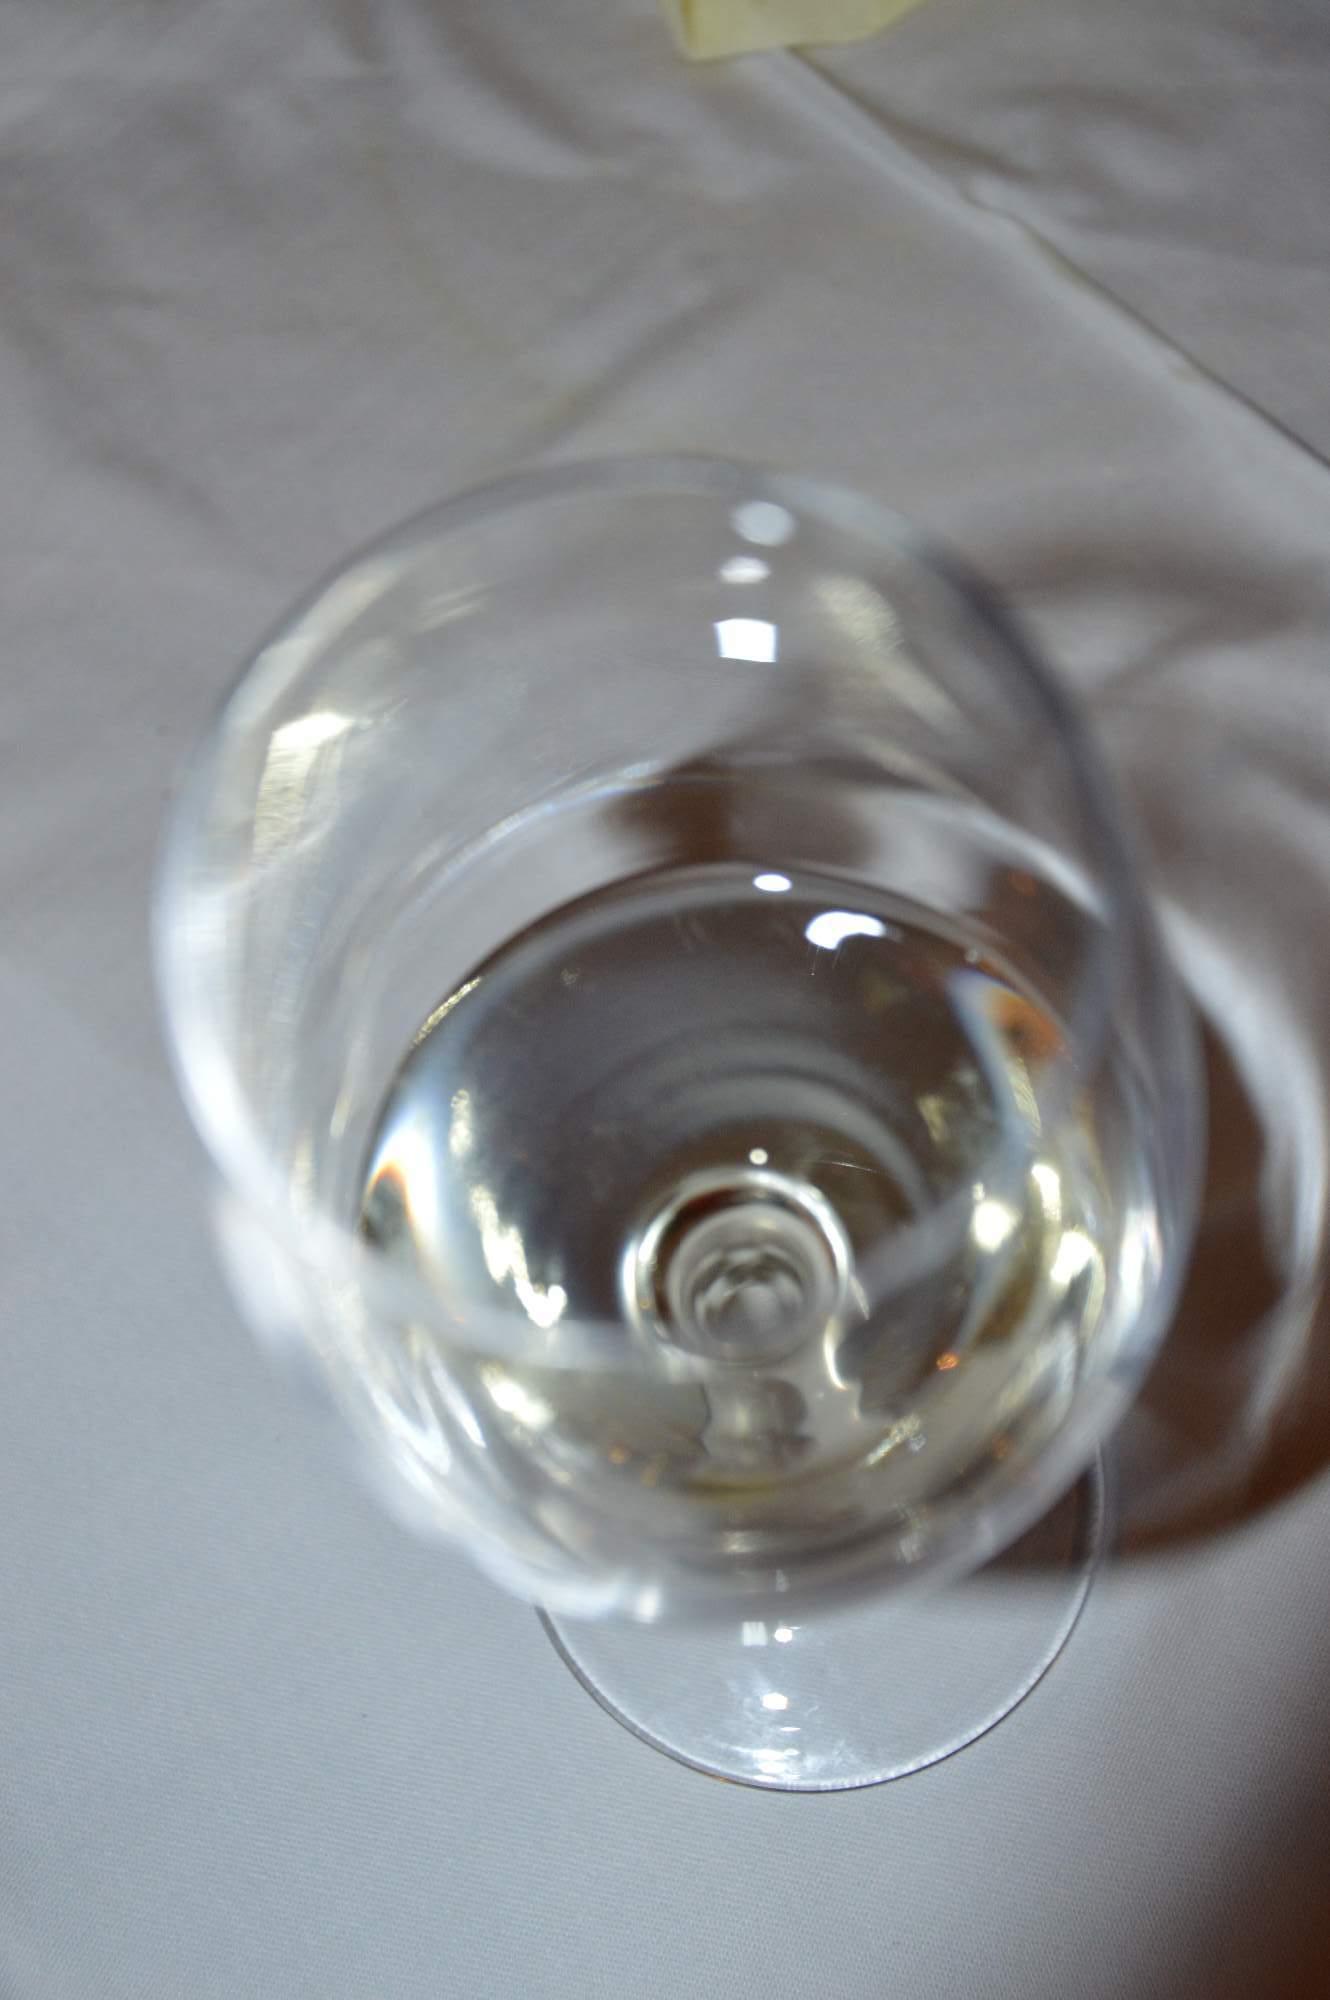 http://img19.rajce.idnes.cz/d1902/11/11369/11369498_ba1b1cc51aa2b100ecd01c05fe1b9075/images/DSC_0396.jpg